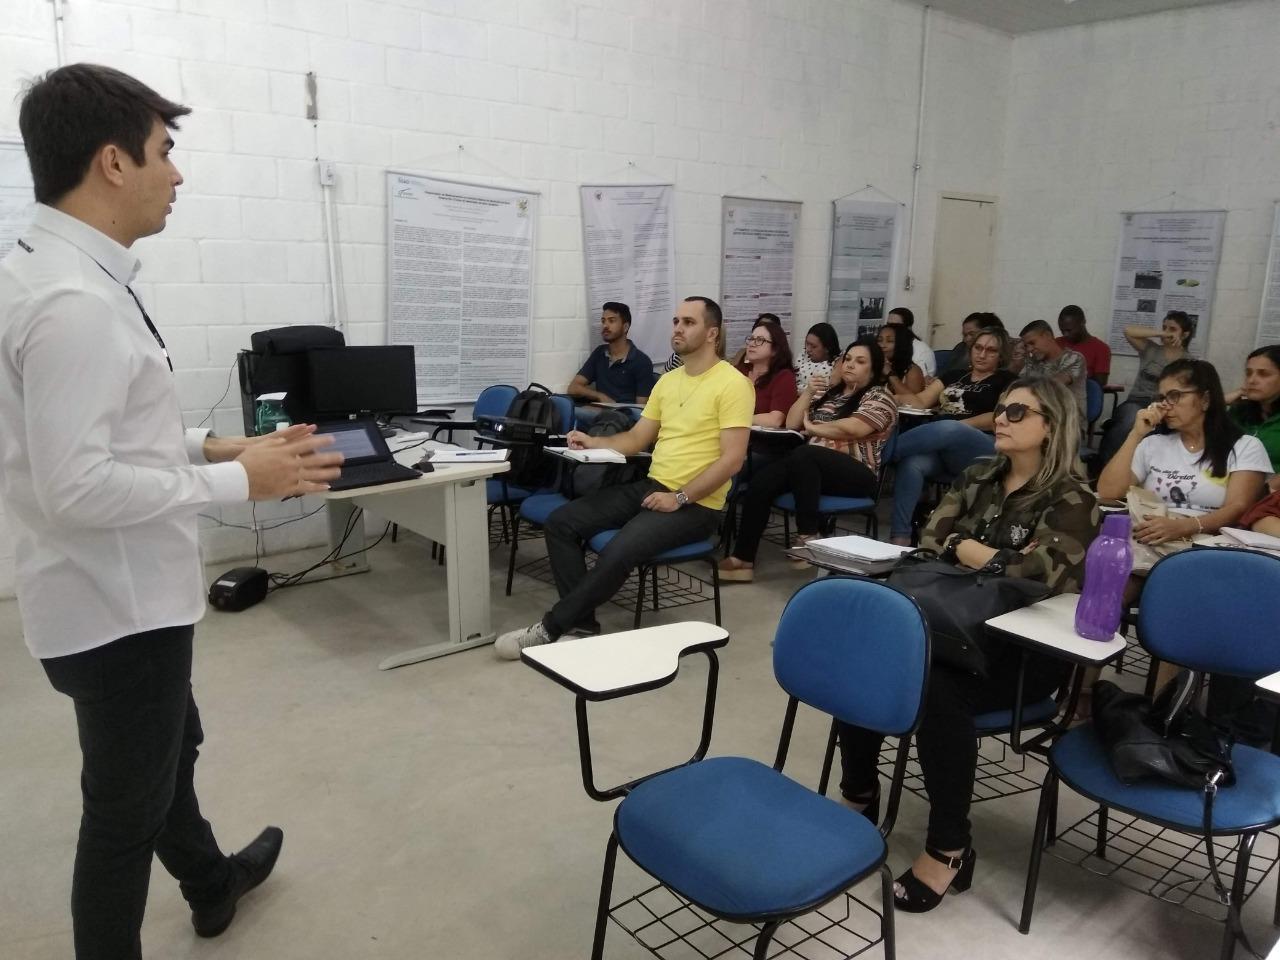 PREFEITURA DE SÃO MATEUS MODERNIZA SISTEMA DE GESTÃO DE MATRÍCULA